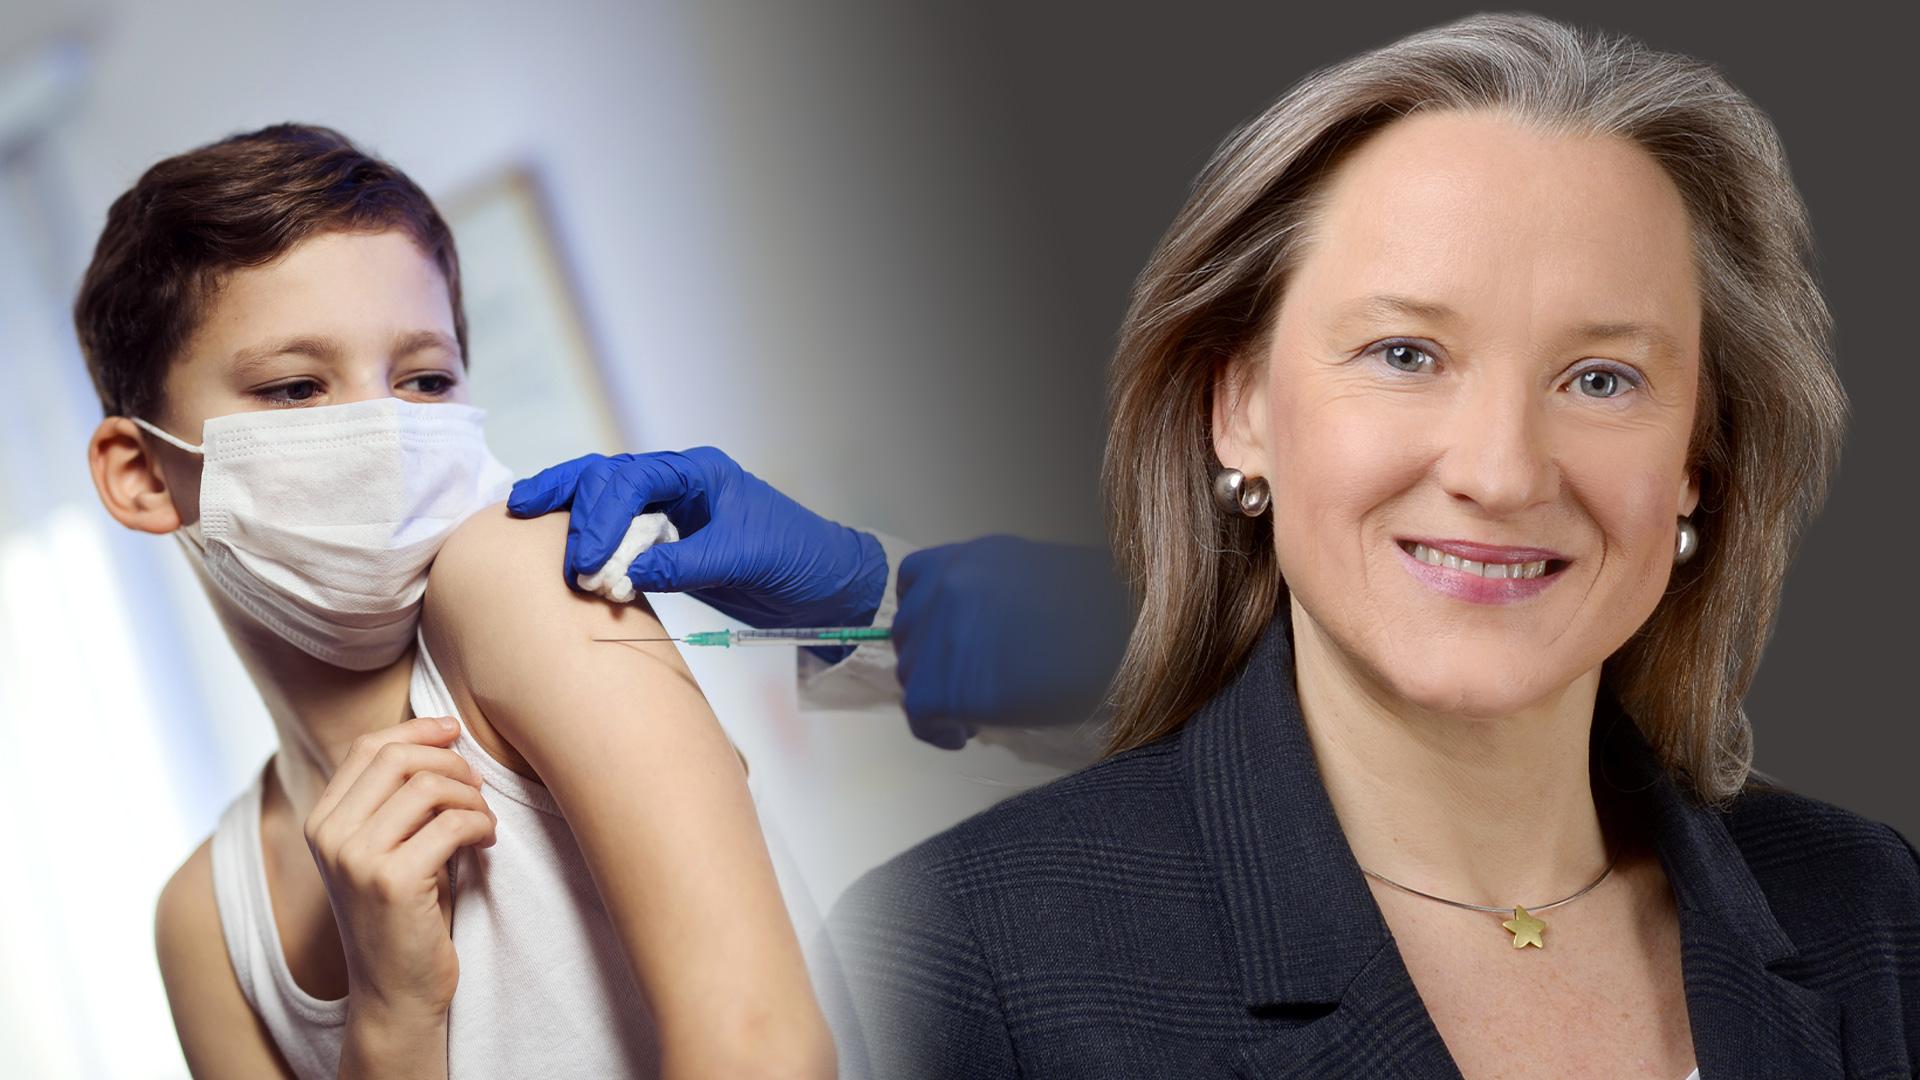 """Corona-Impfung ohne Zustimmung der Eltern – Fachanwältin warnt: """"Ein Hochrisikospiel für den Arzt"""""""